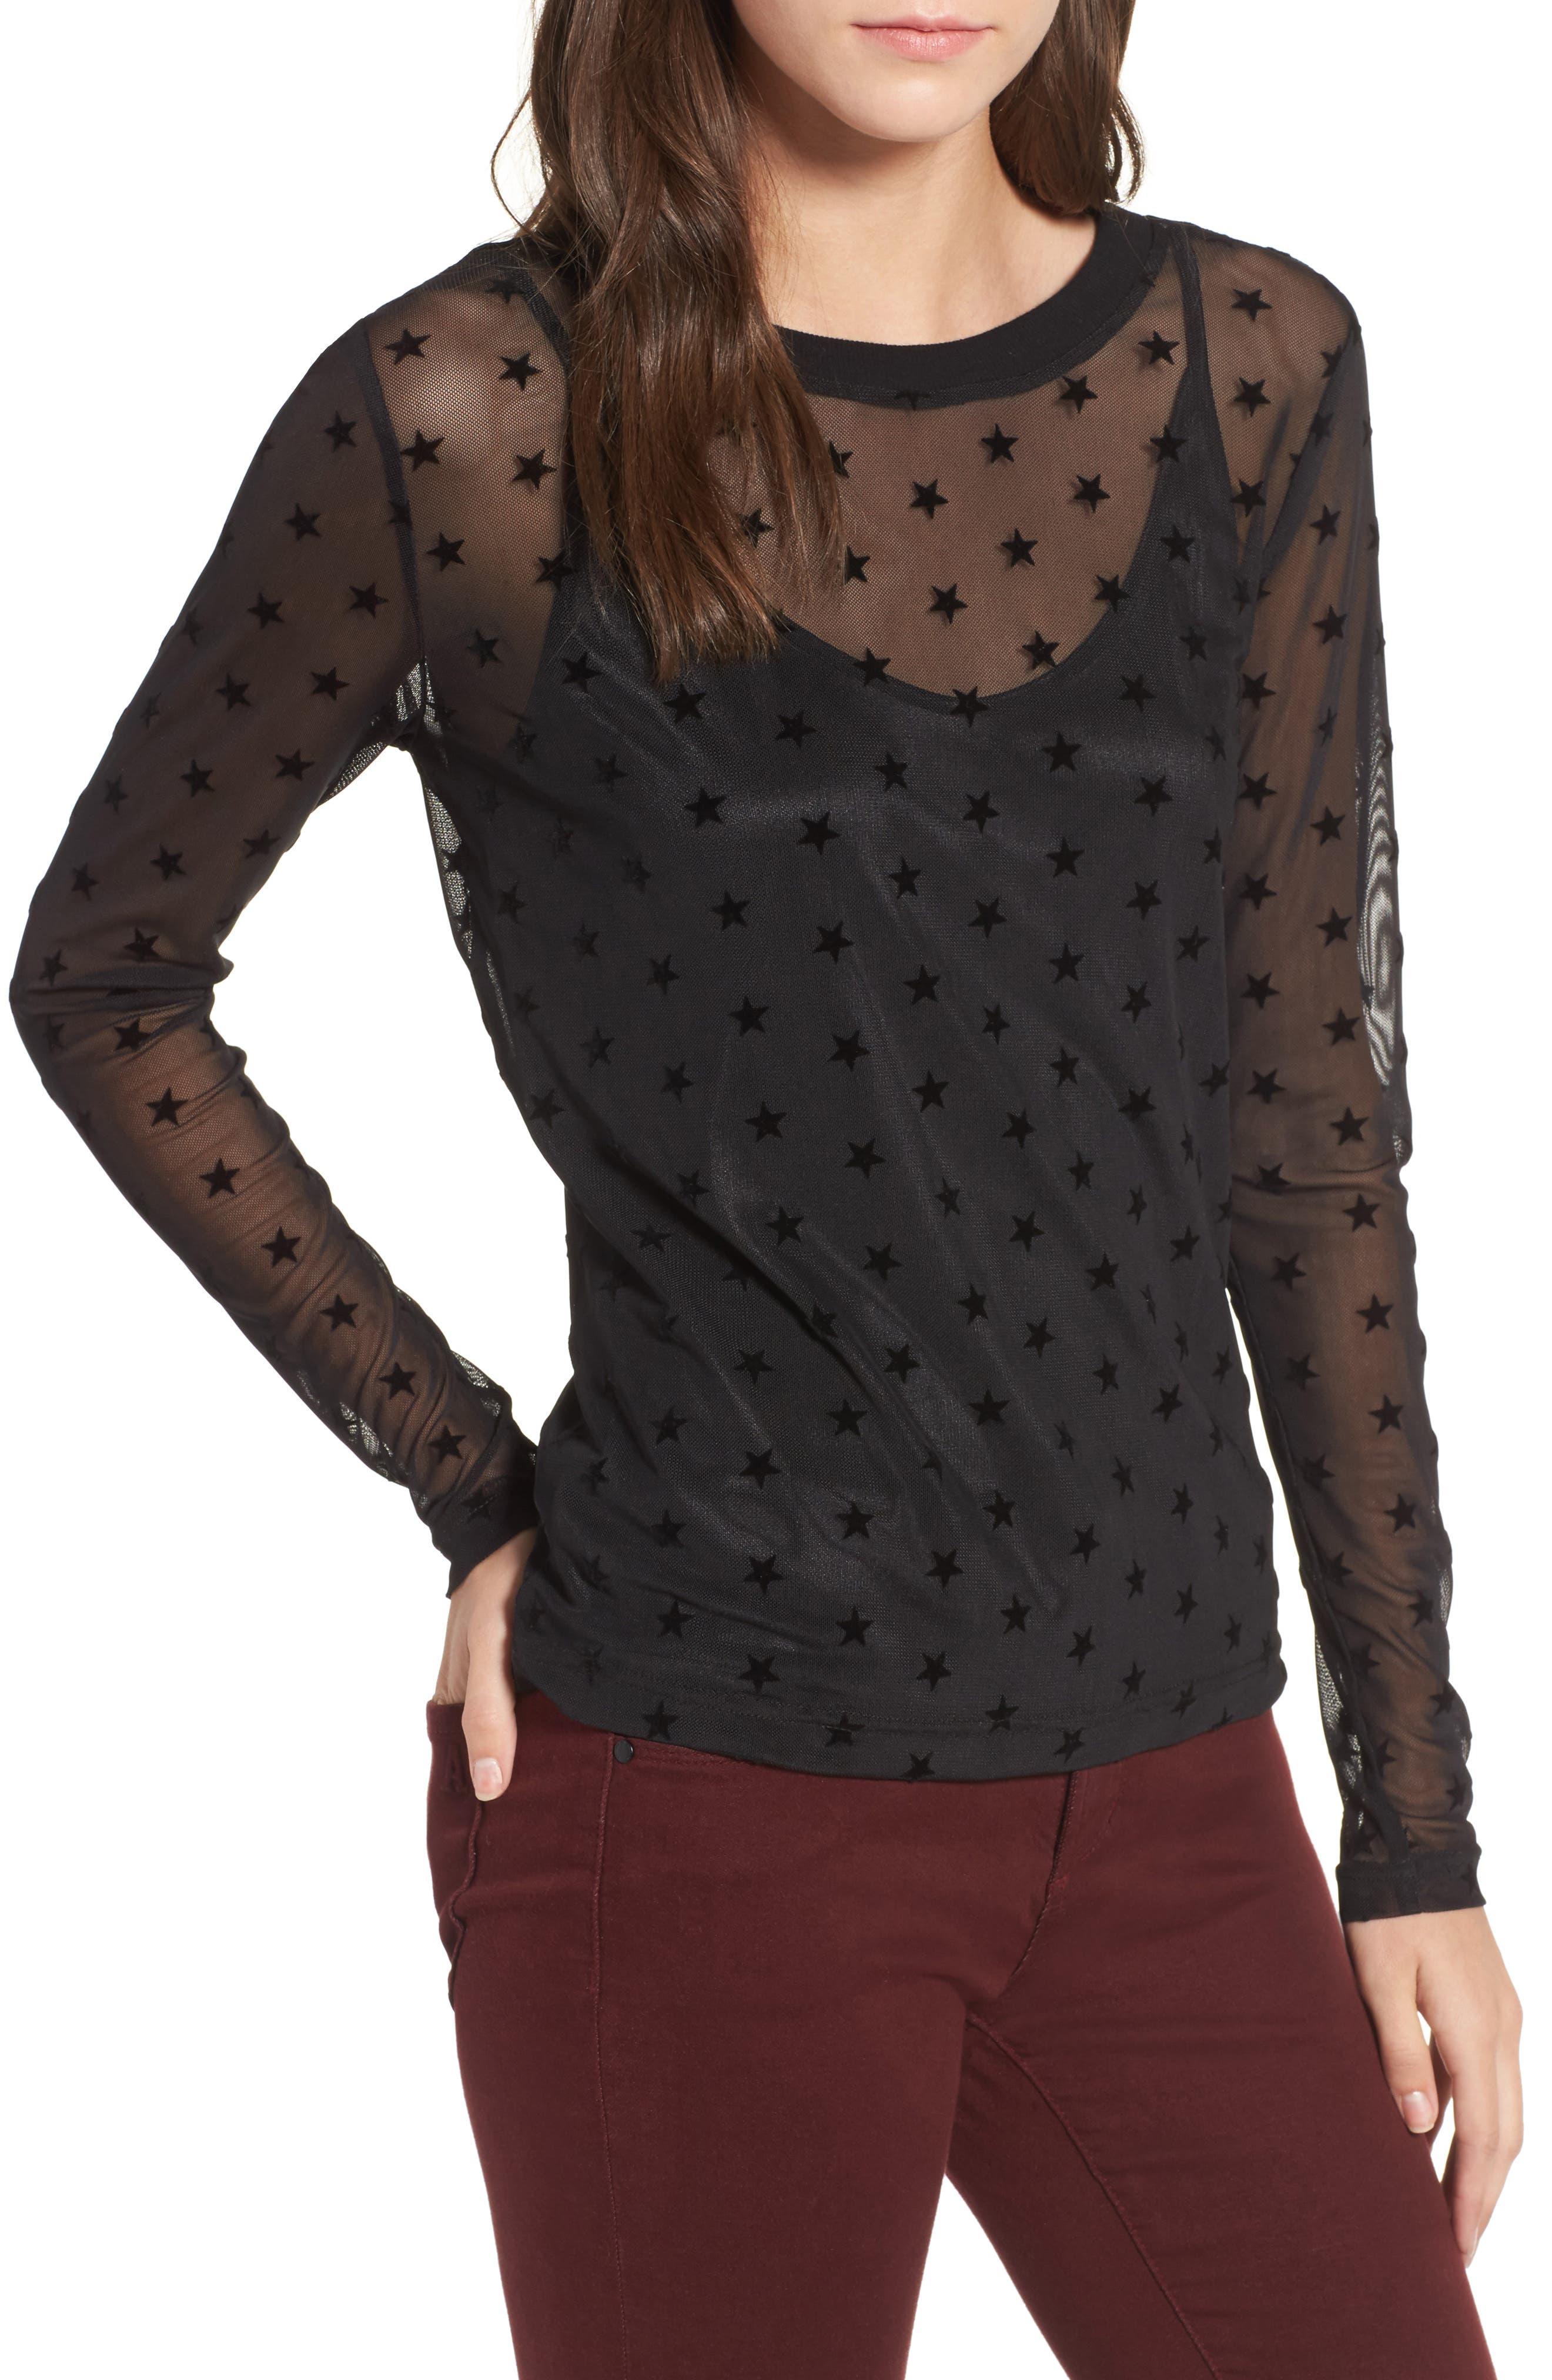 Star Mesh Top,                         Main,                         color, Black